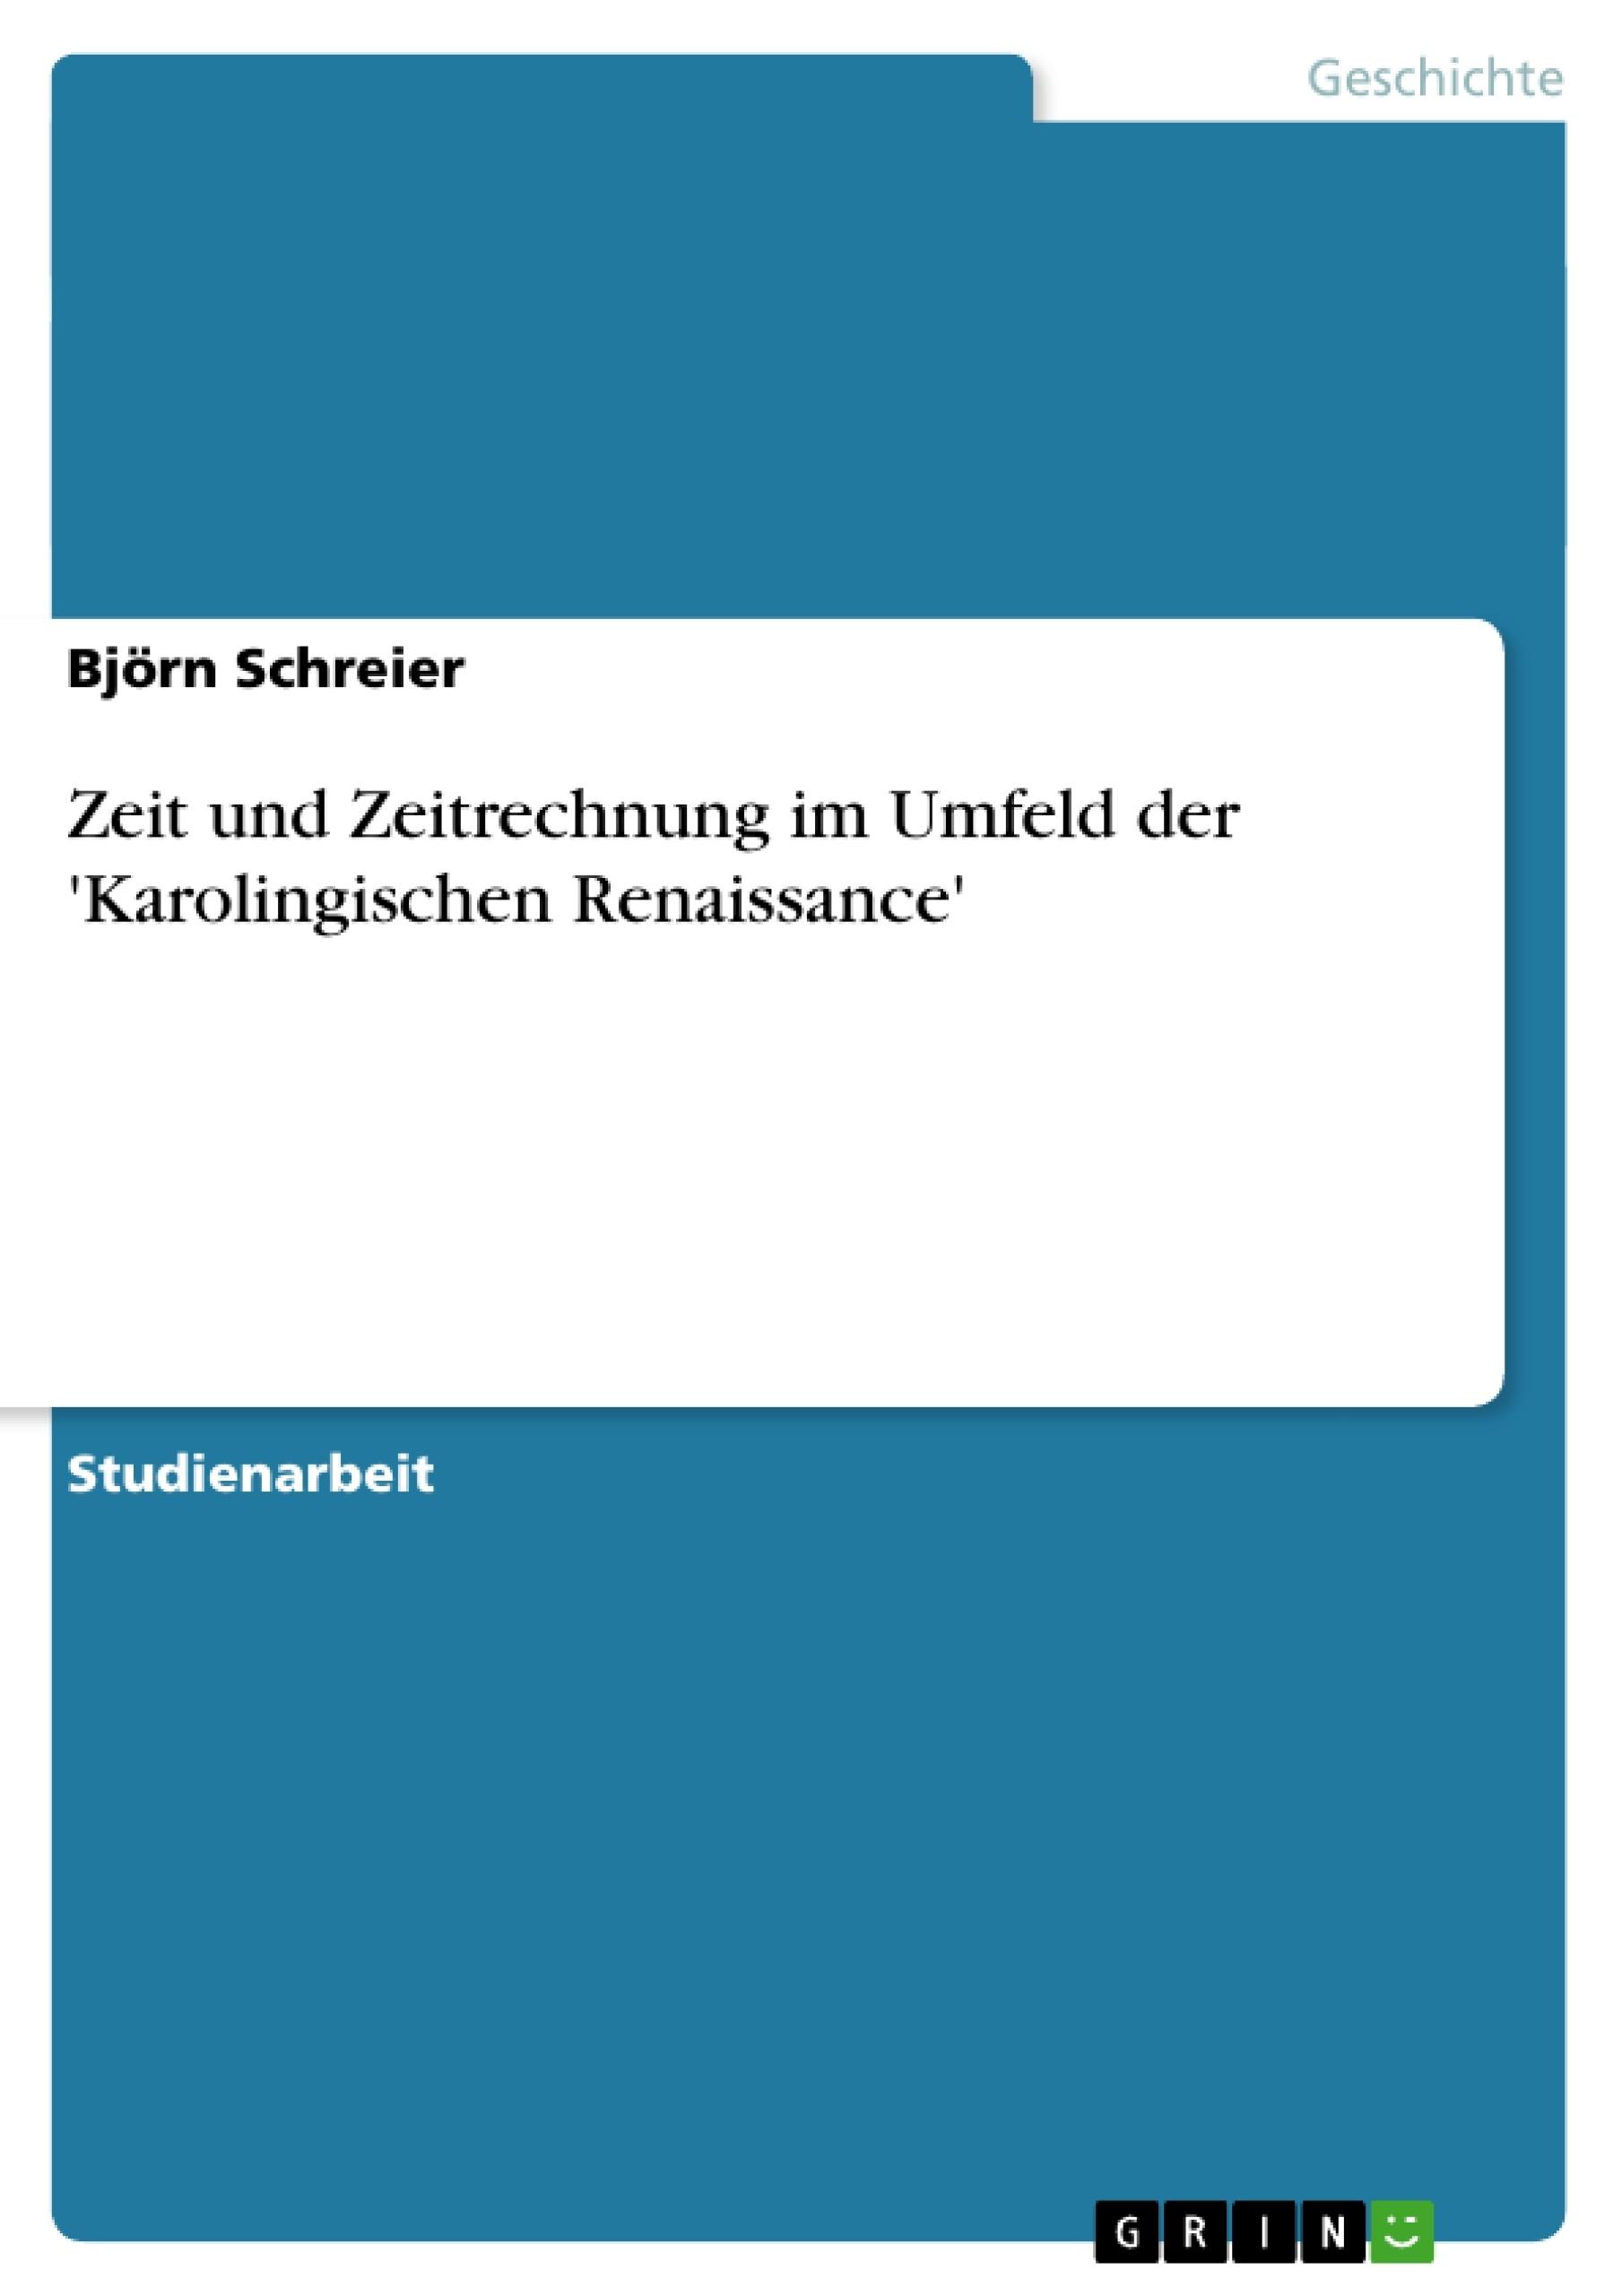 Titel: Zeit und Zeitrechnung im Umfeld der 'Karolingischen Renaissance'